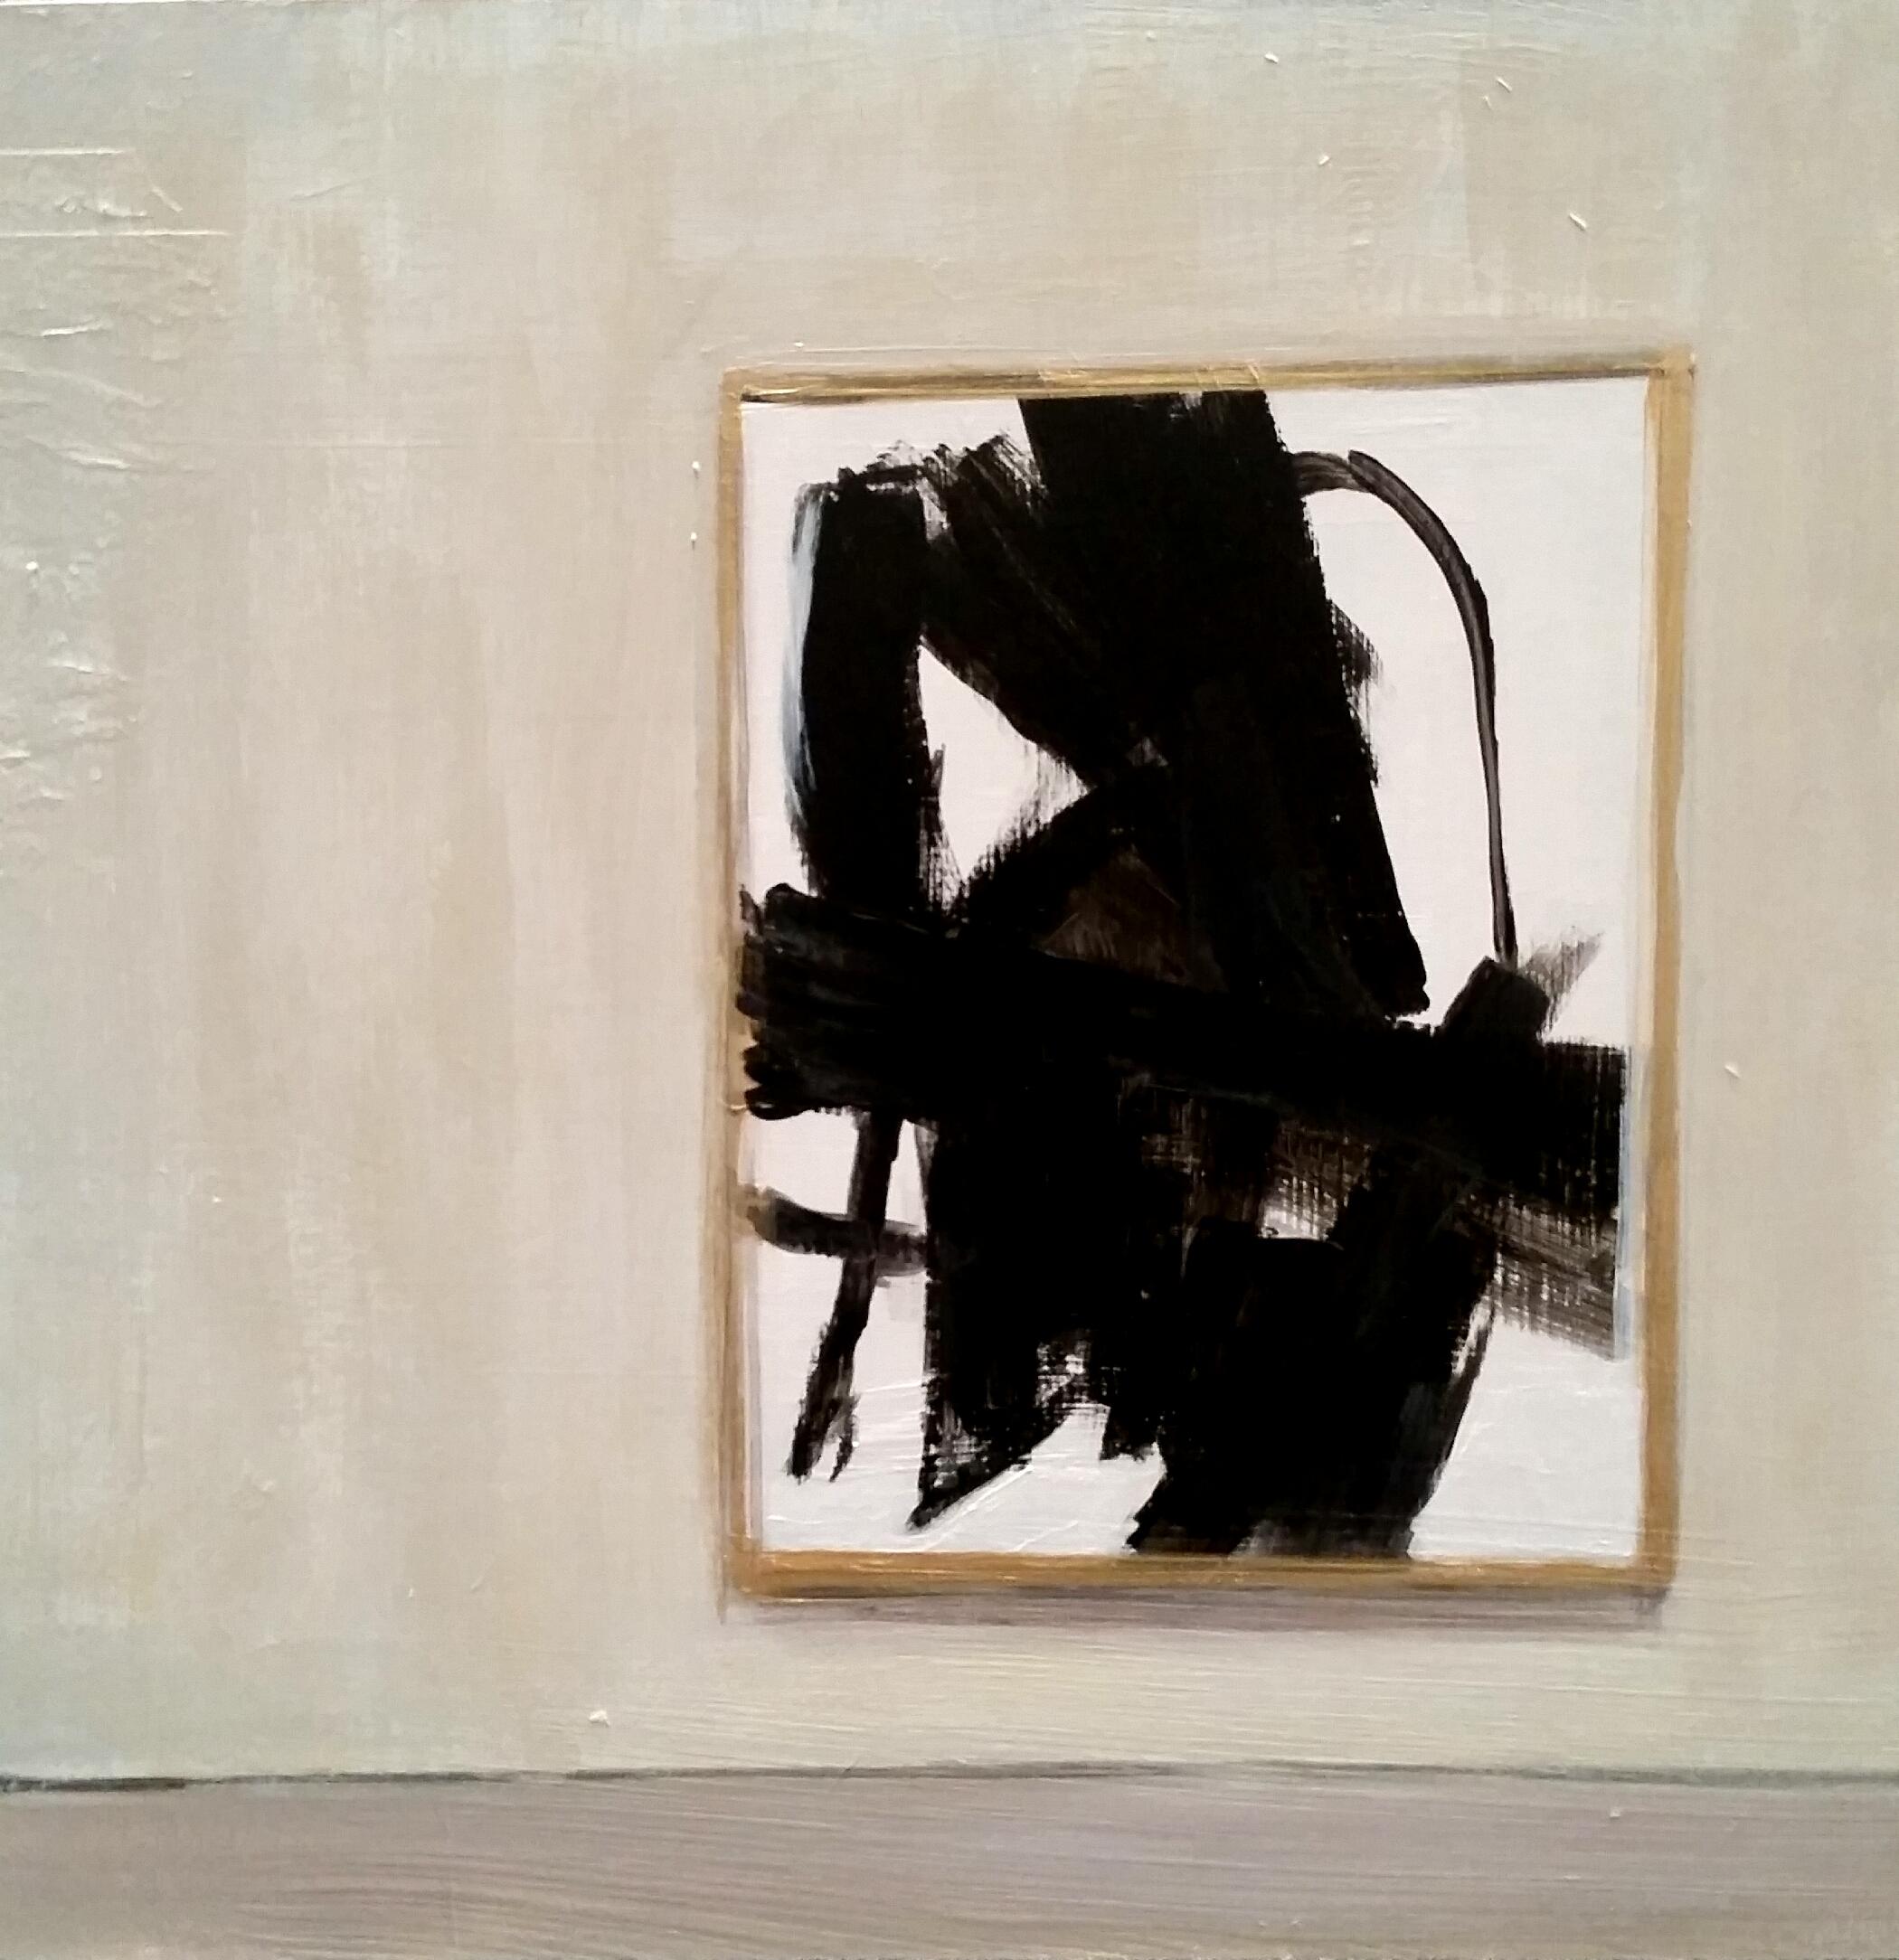 Study of Franz Kline's _Merce C_ Hanging in Gallery